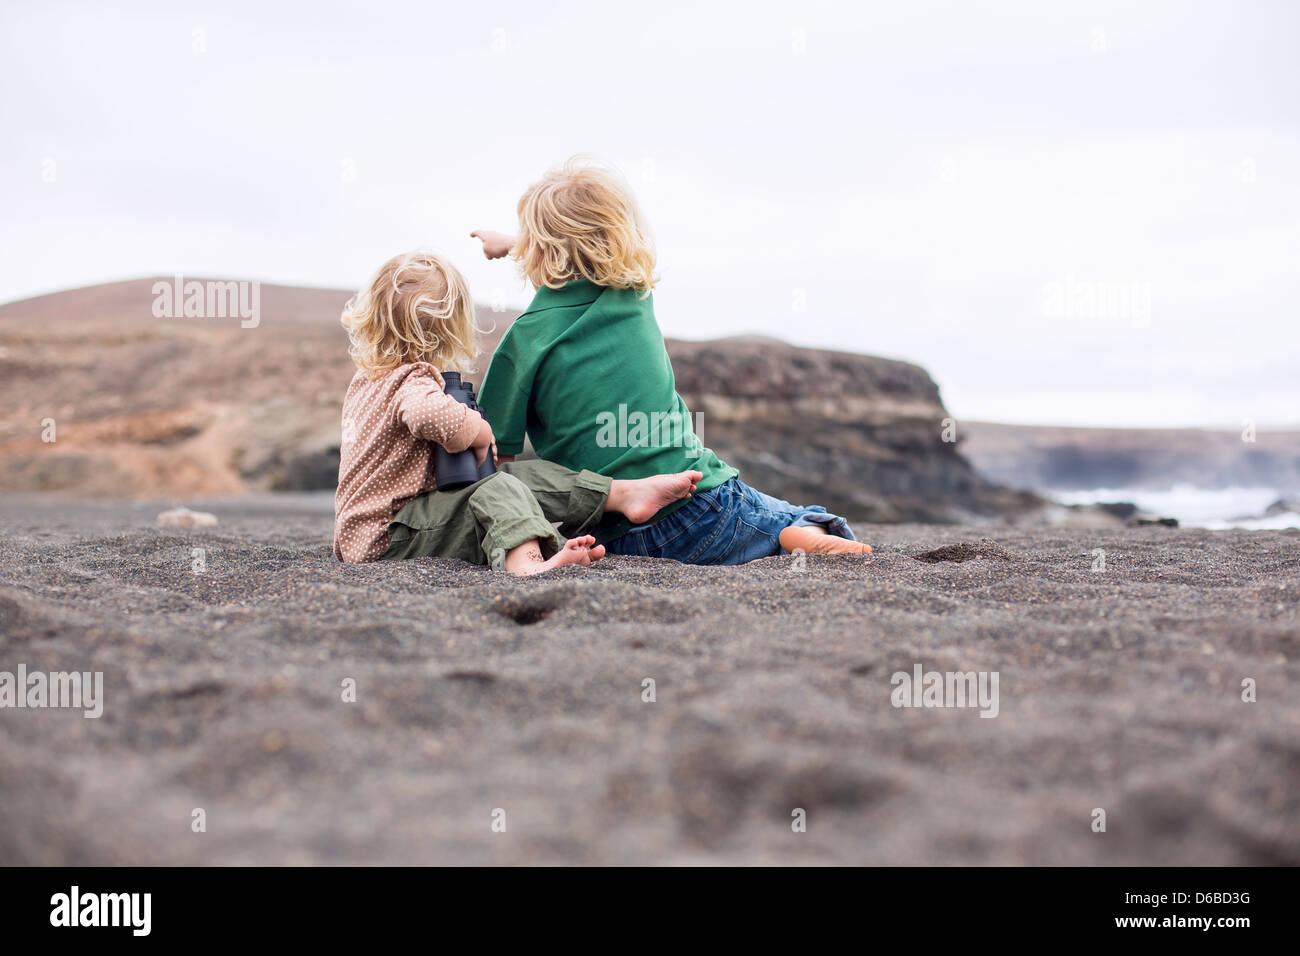 Kinder sitzen in Sand am Strand Stockbild